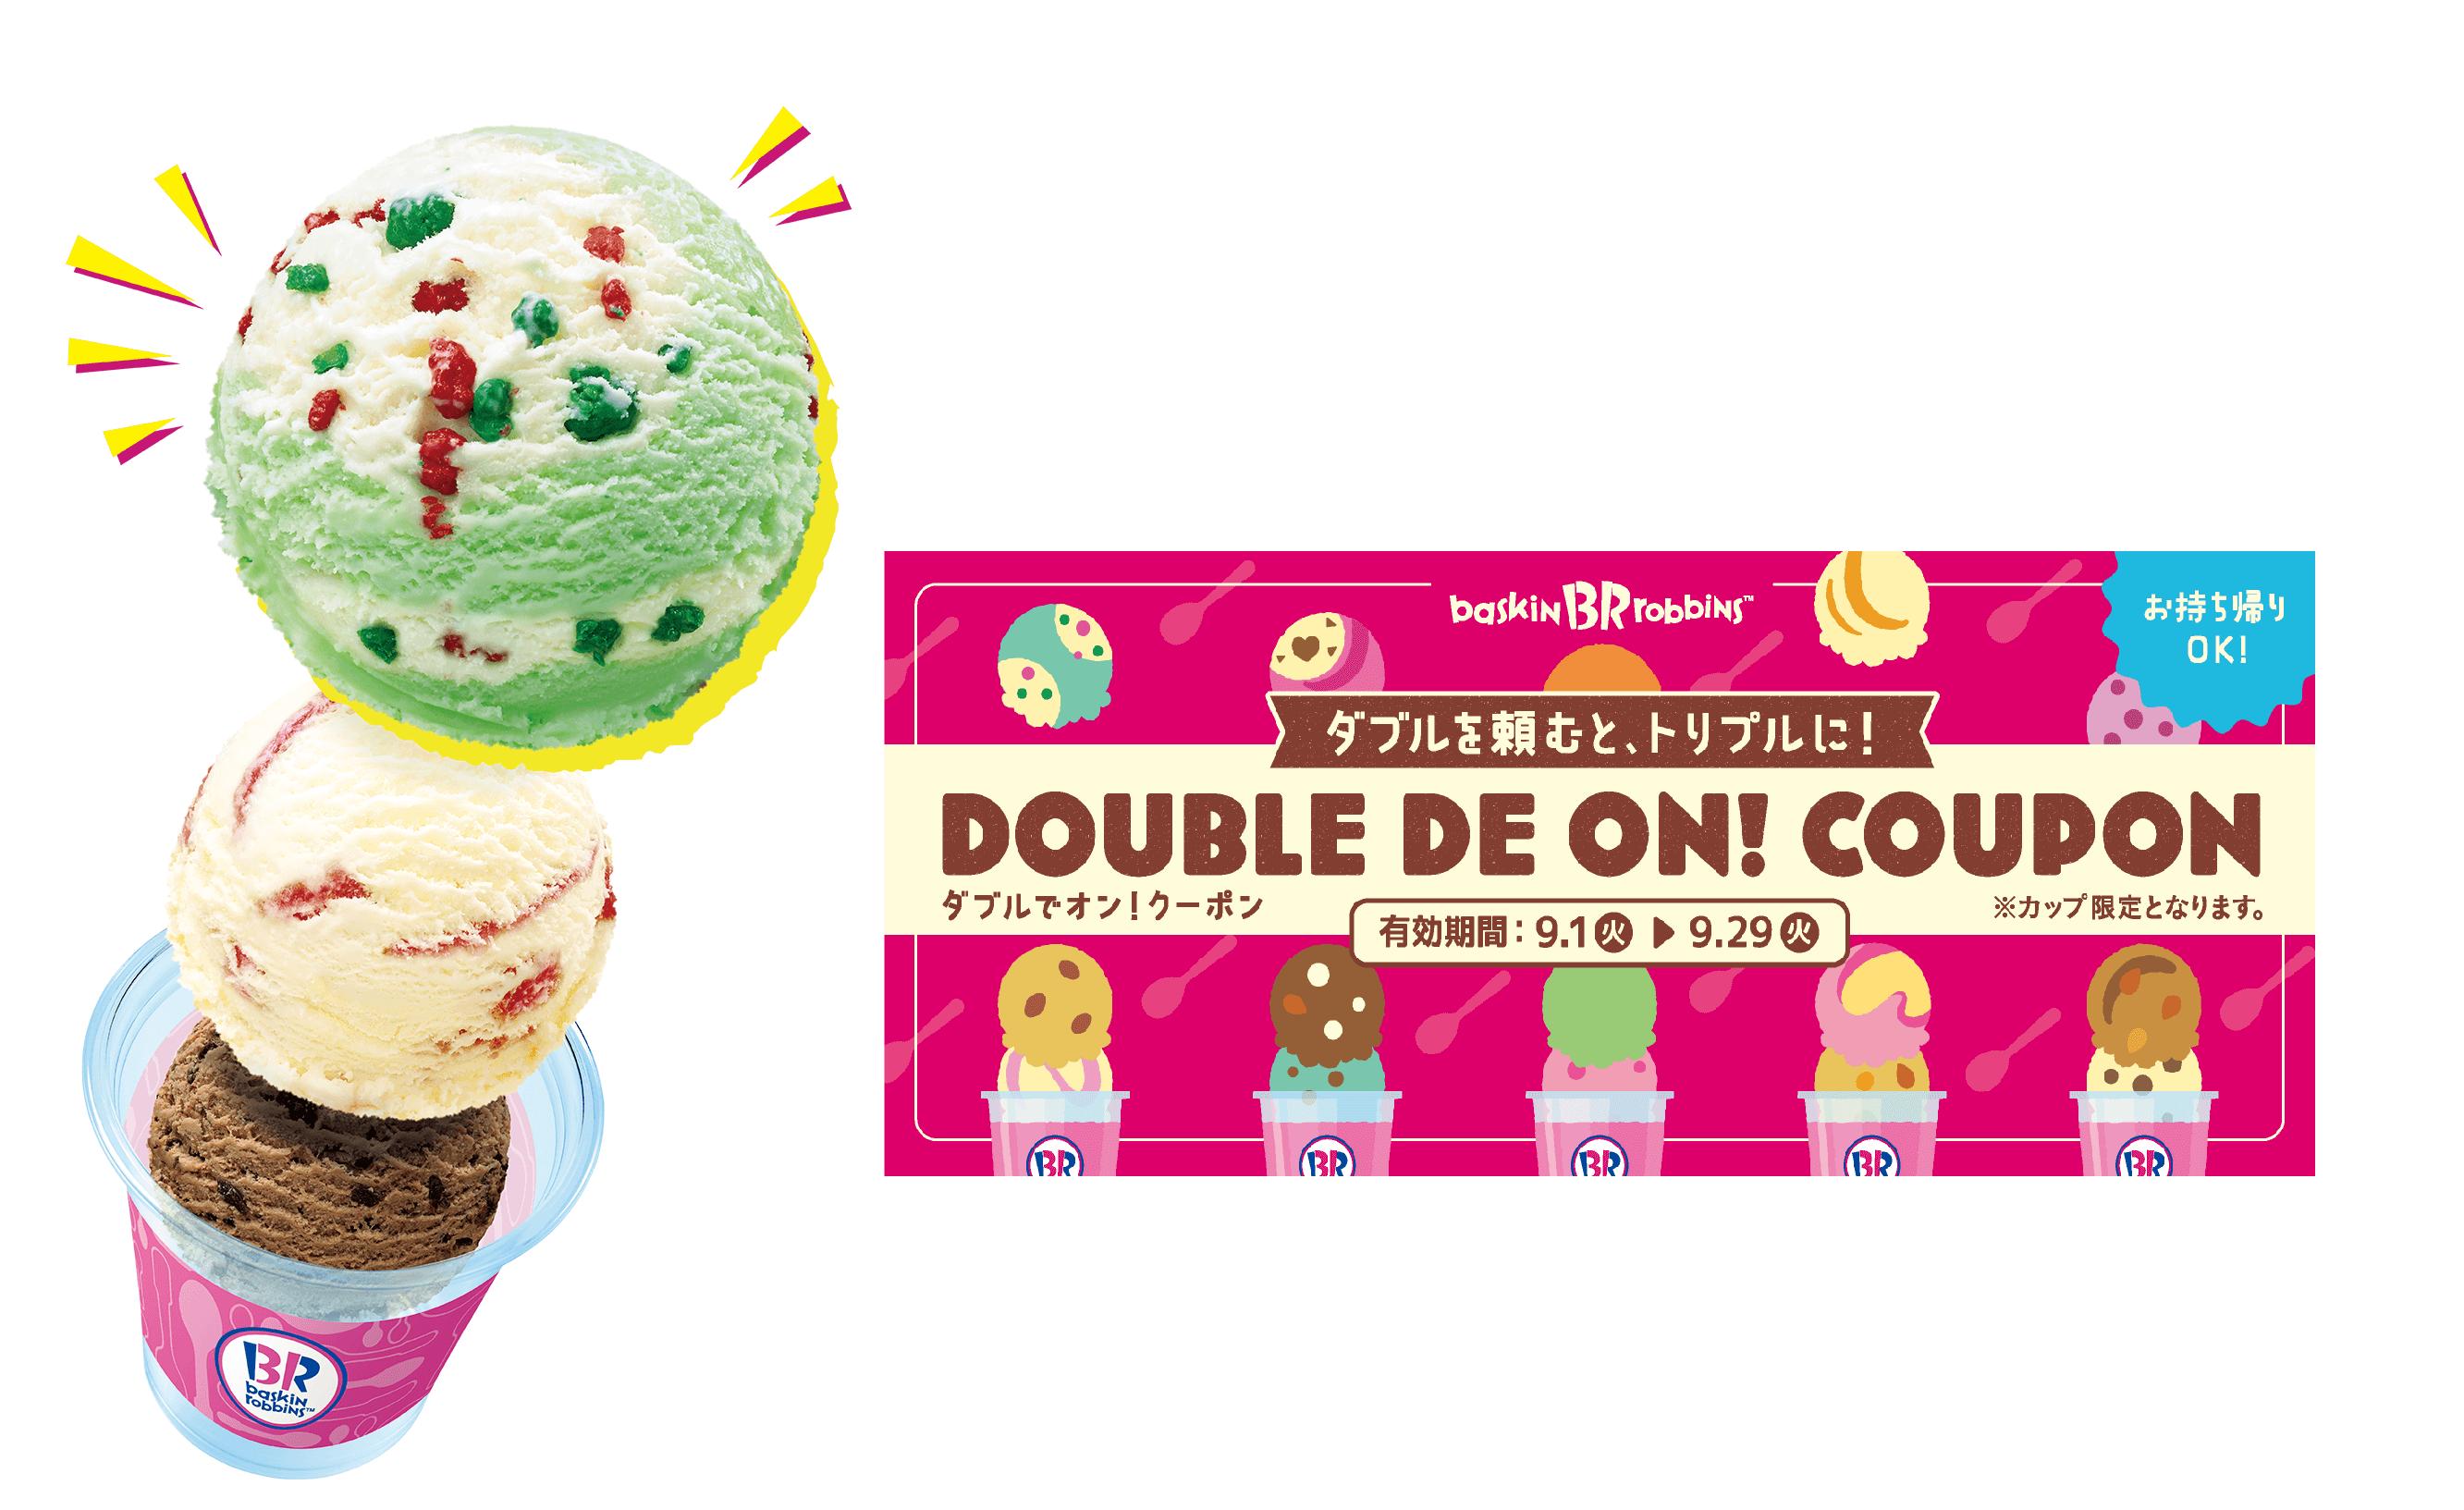 サーティワンアイスクリーム『31 エンジョイセプテンバー』のダブルでオン!クーポン プレゼント